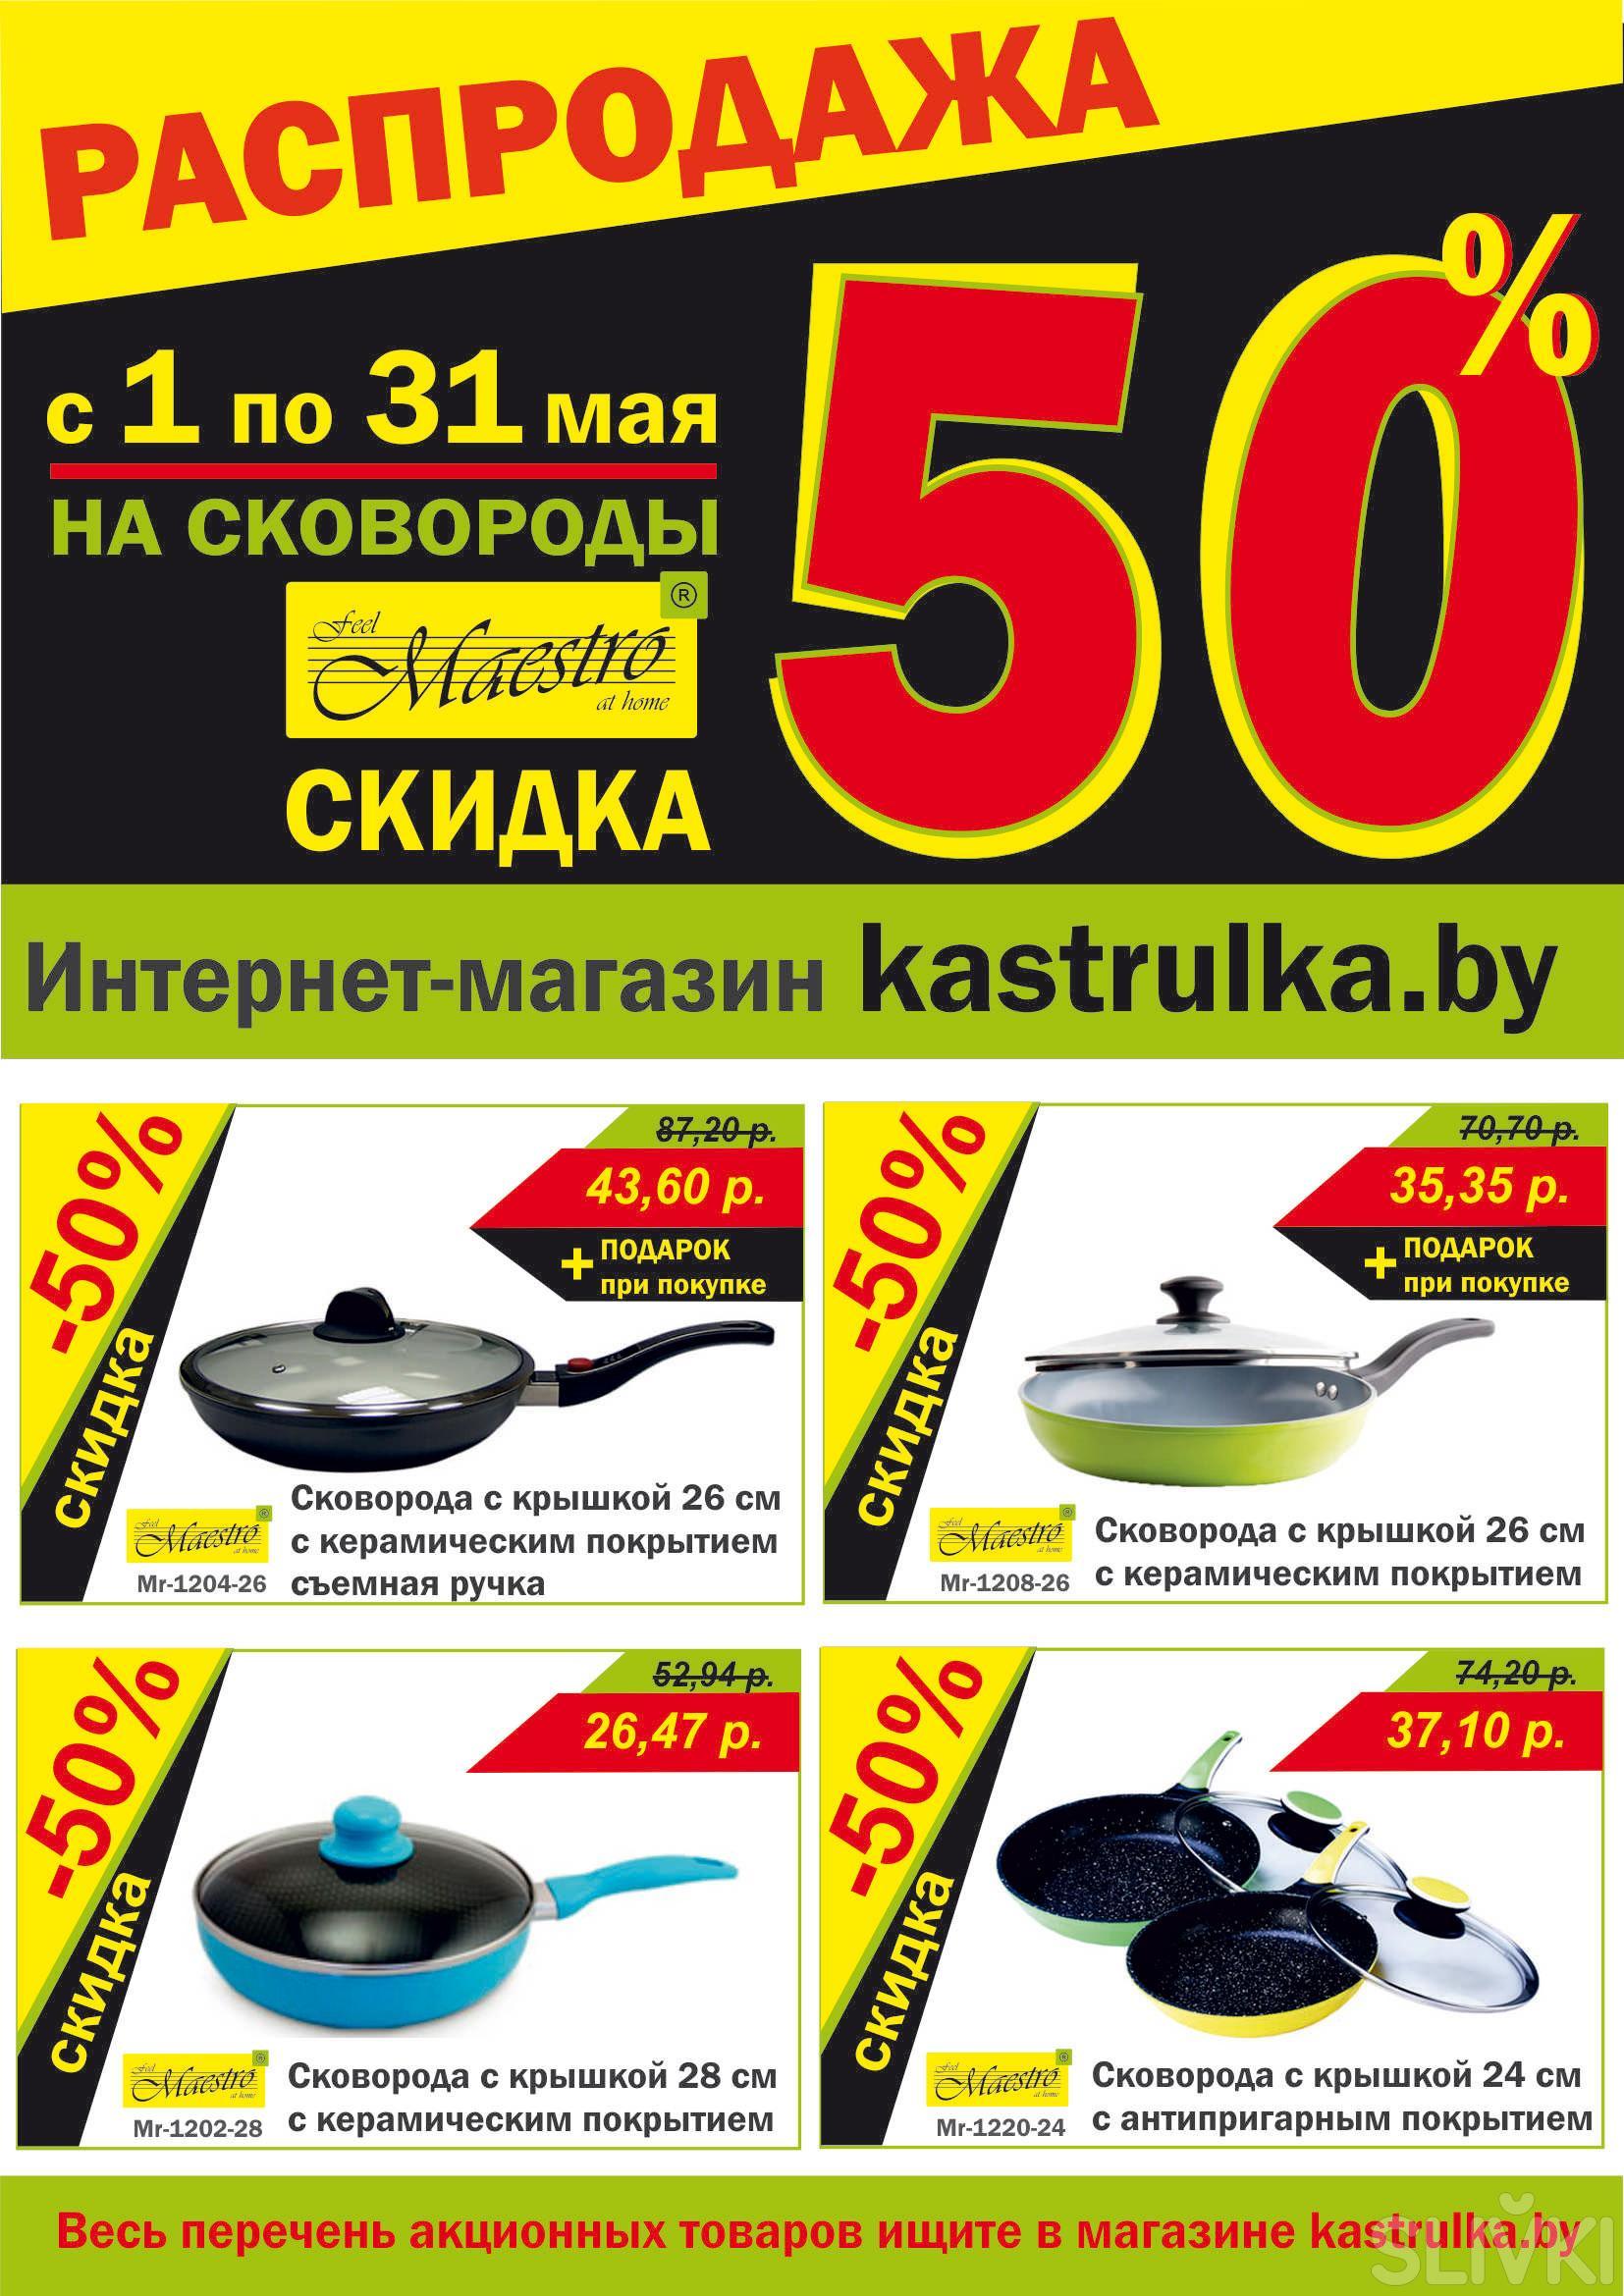 Распродажа! 1-31 мая скидка 50% на сковороды Maestro в kastrulka.by!